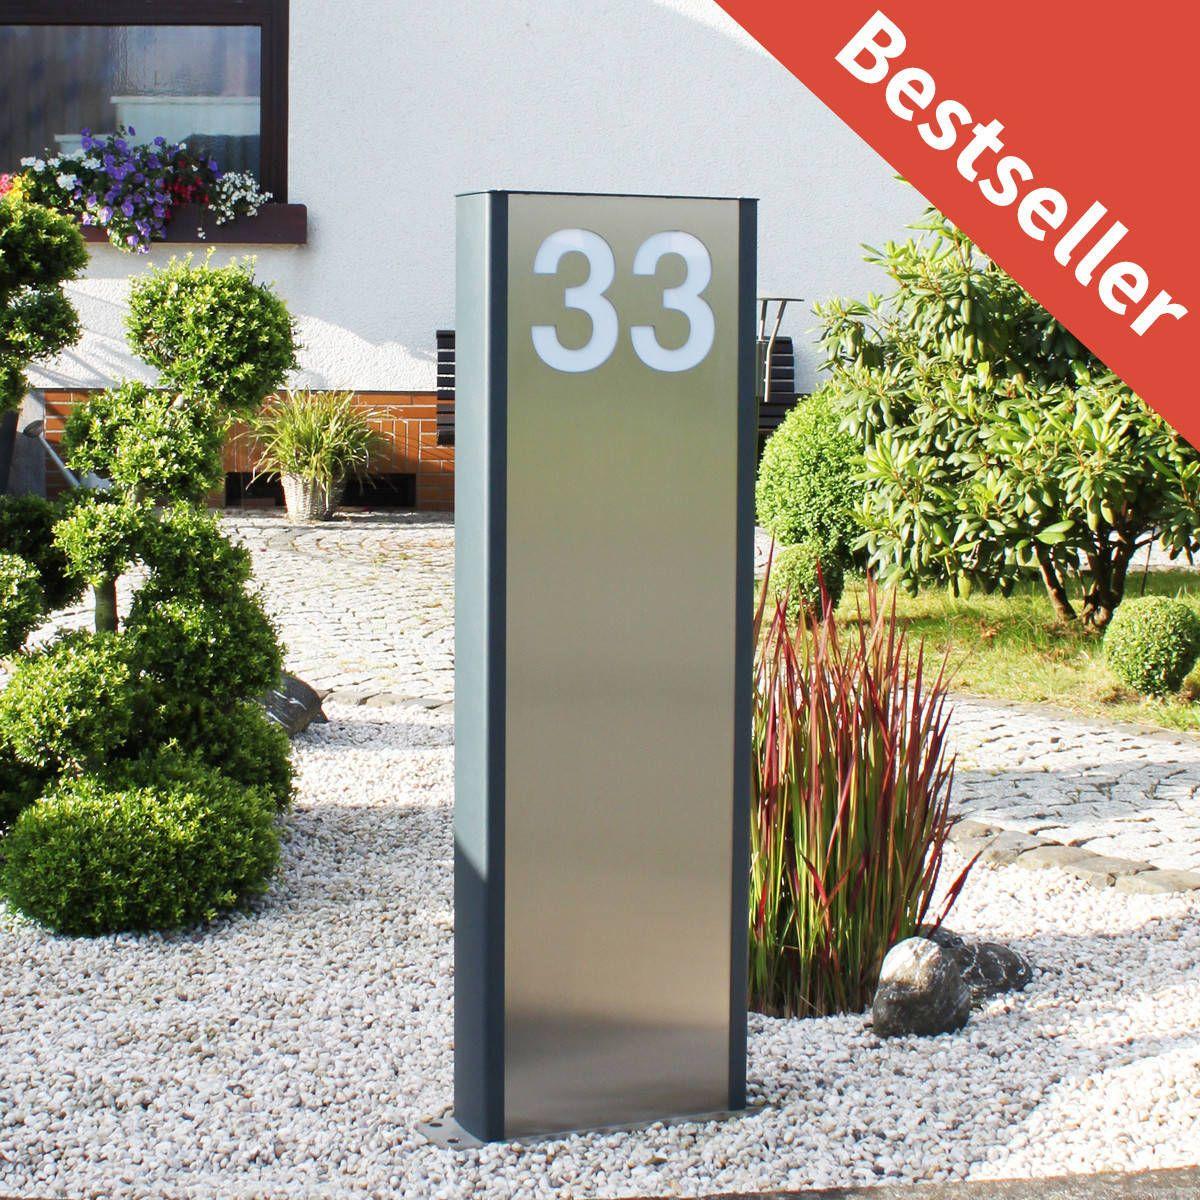 Haus Und Garten: Design LED Beleuchtete Edelstahlstele Pylon RAL 7016